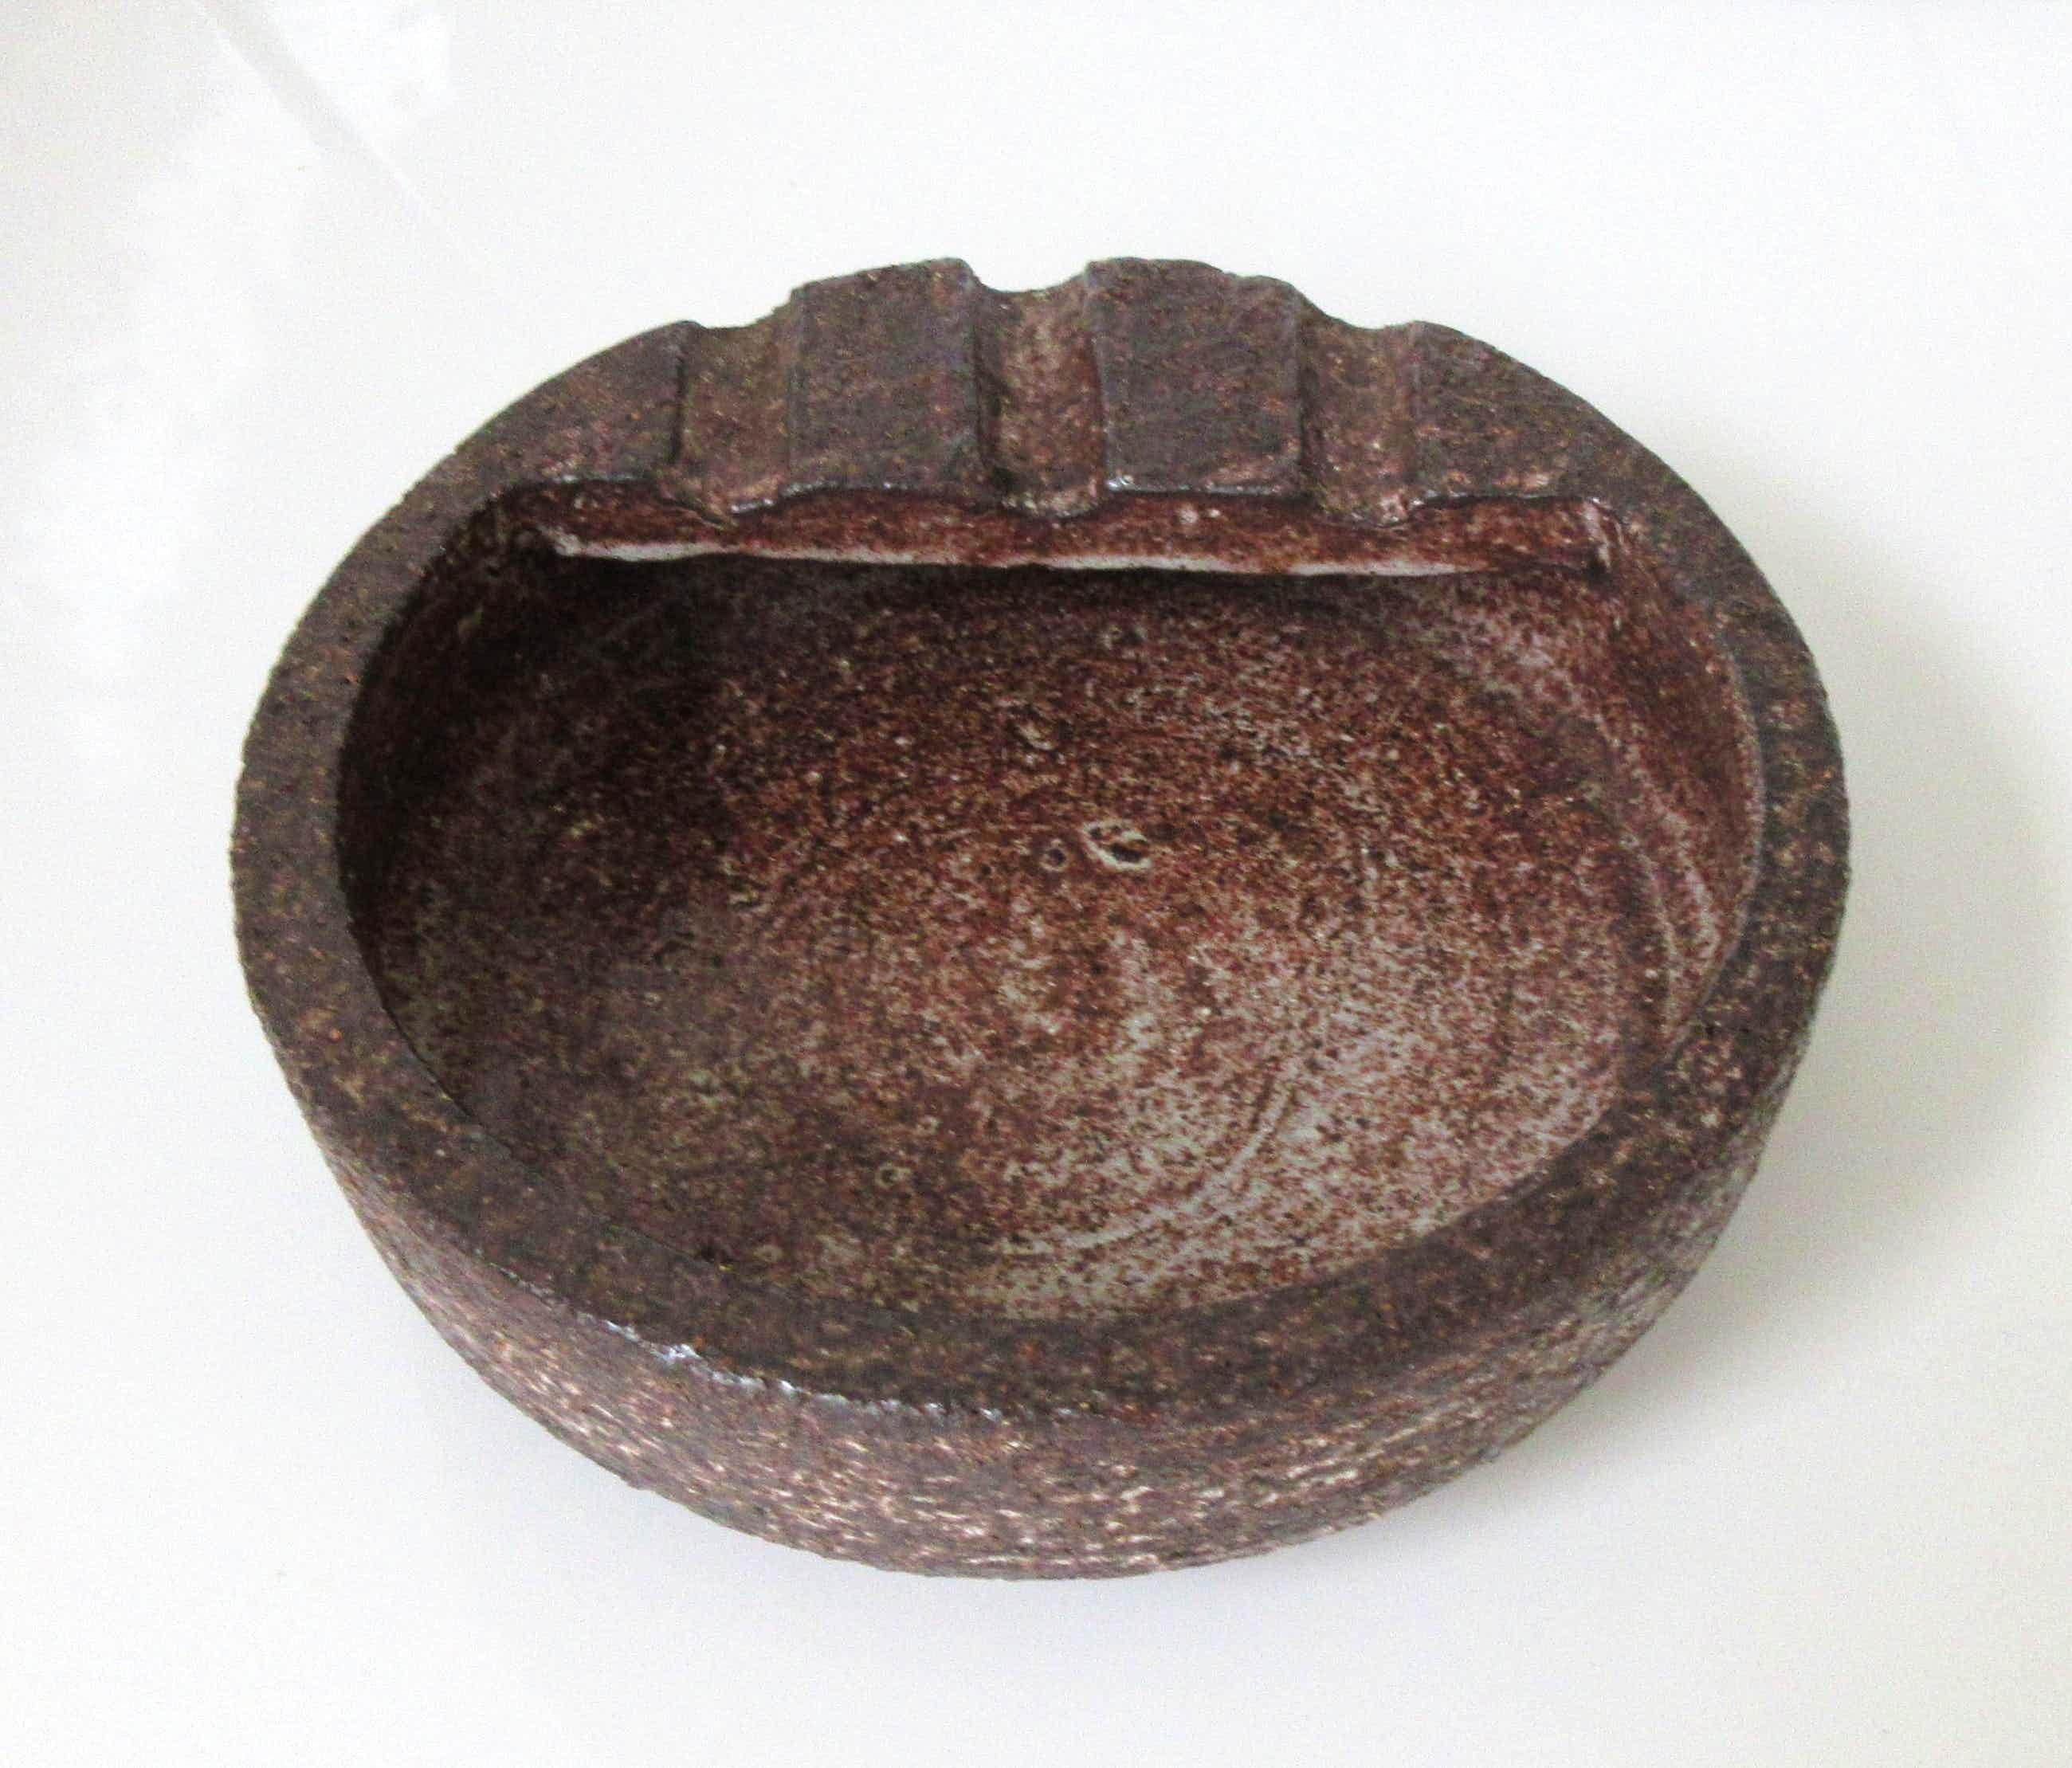 Potterij Zaalberg - Grote ronde asbak kopen? Bied vanaf 10!